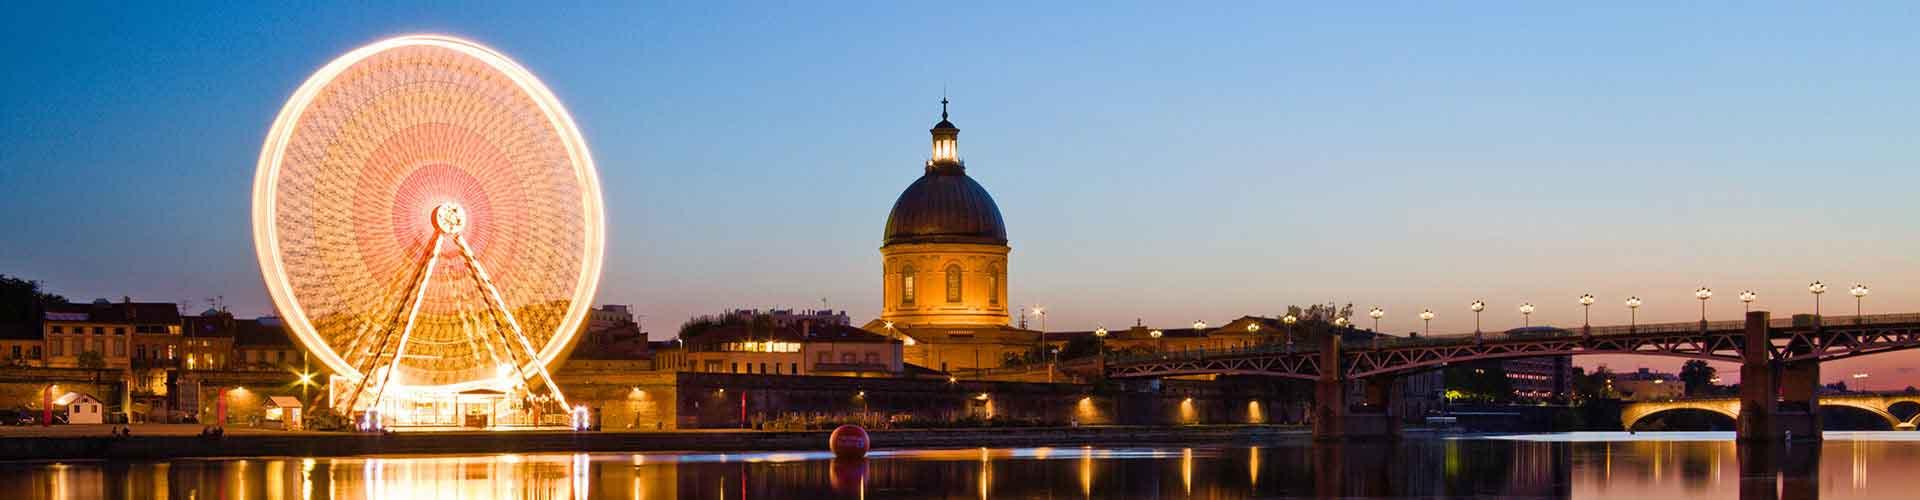 Toulouse - Hoteles baratos en el distrito Vieux Toulouse. Mapas de Toulouse, Fotos y comentarios de cada Hotel barato en Toulouse.